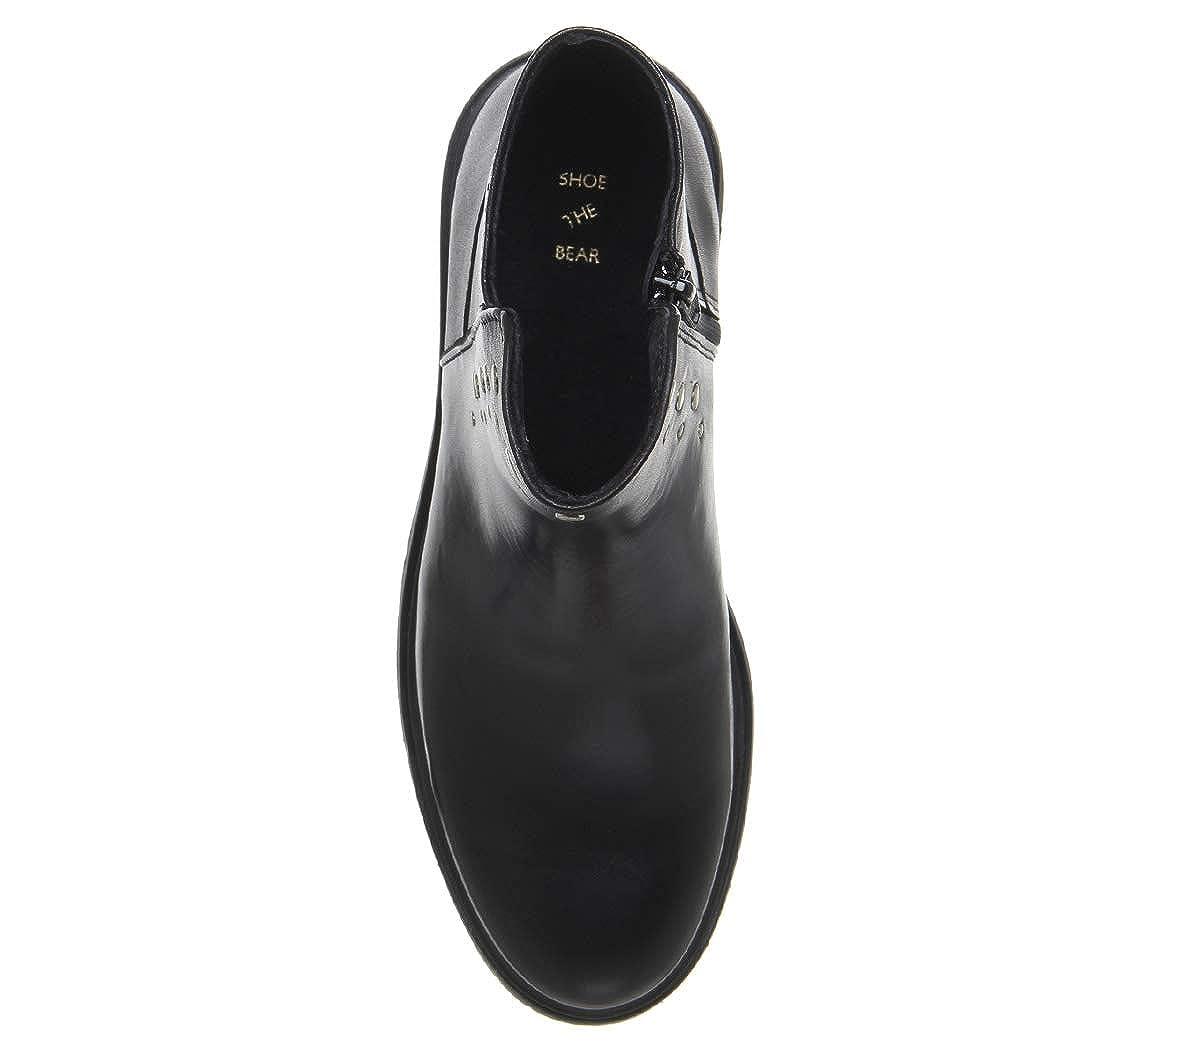 Schuhe Stiefeletten The Bear, Damen Stiefel & Stiefeletten Schuhe 71e249